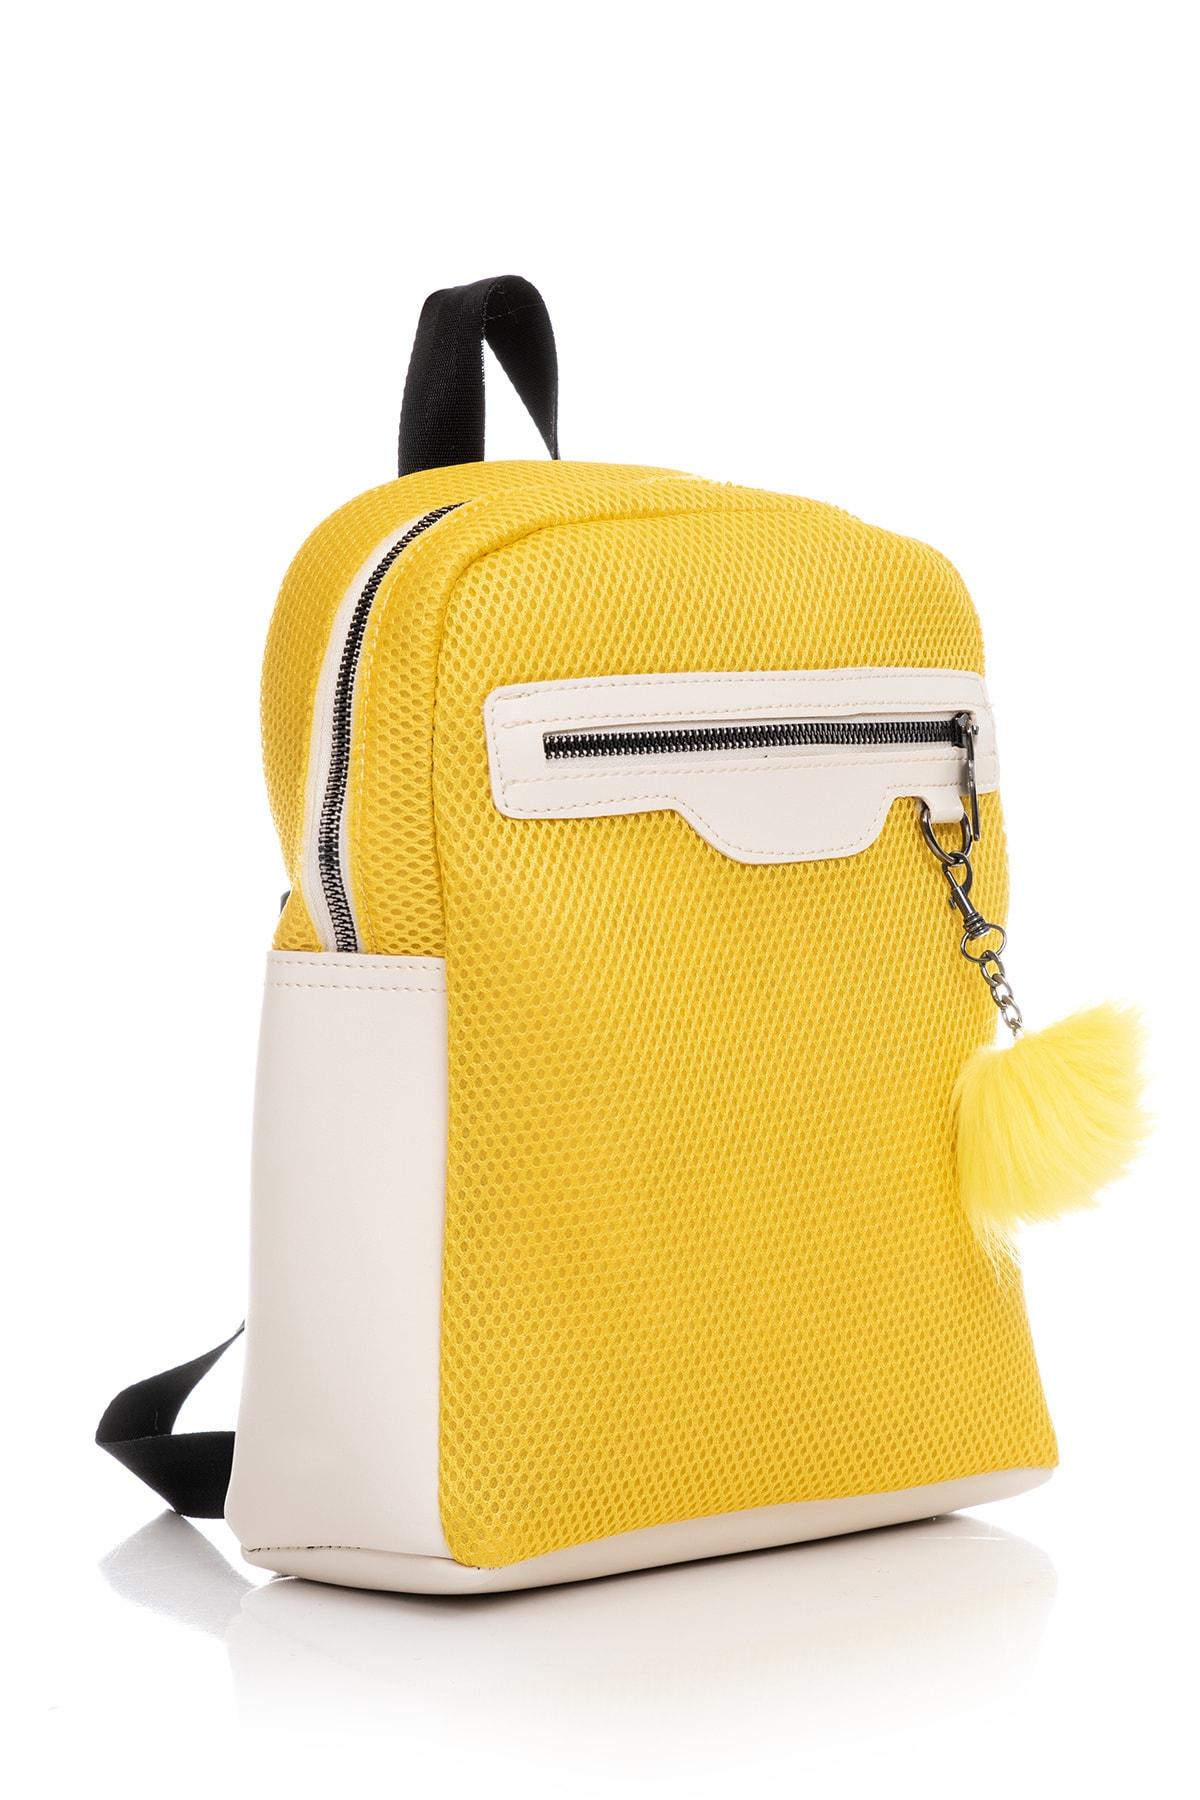 Tonny Black Kadın Çanta Sarı Beyaz Tbc03 2